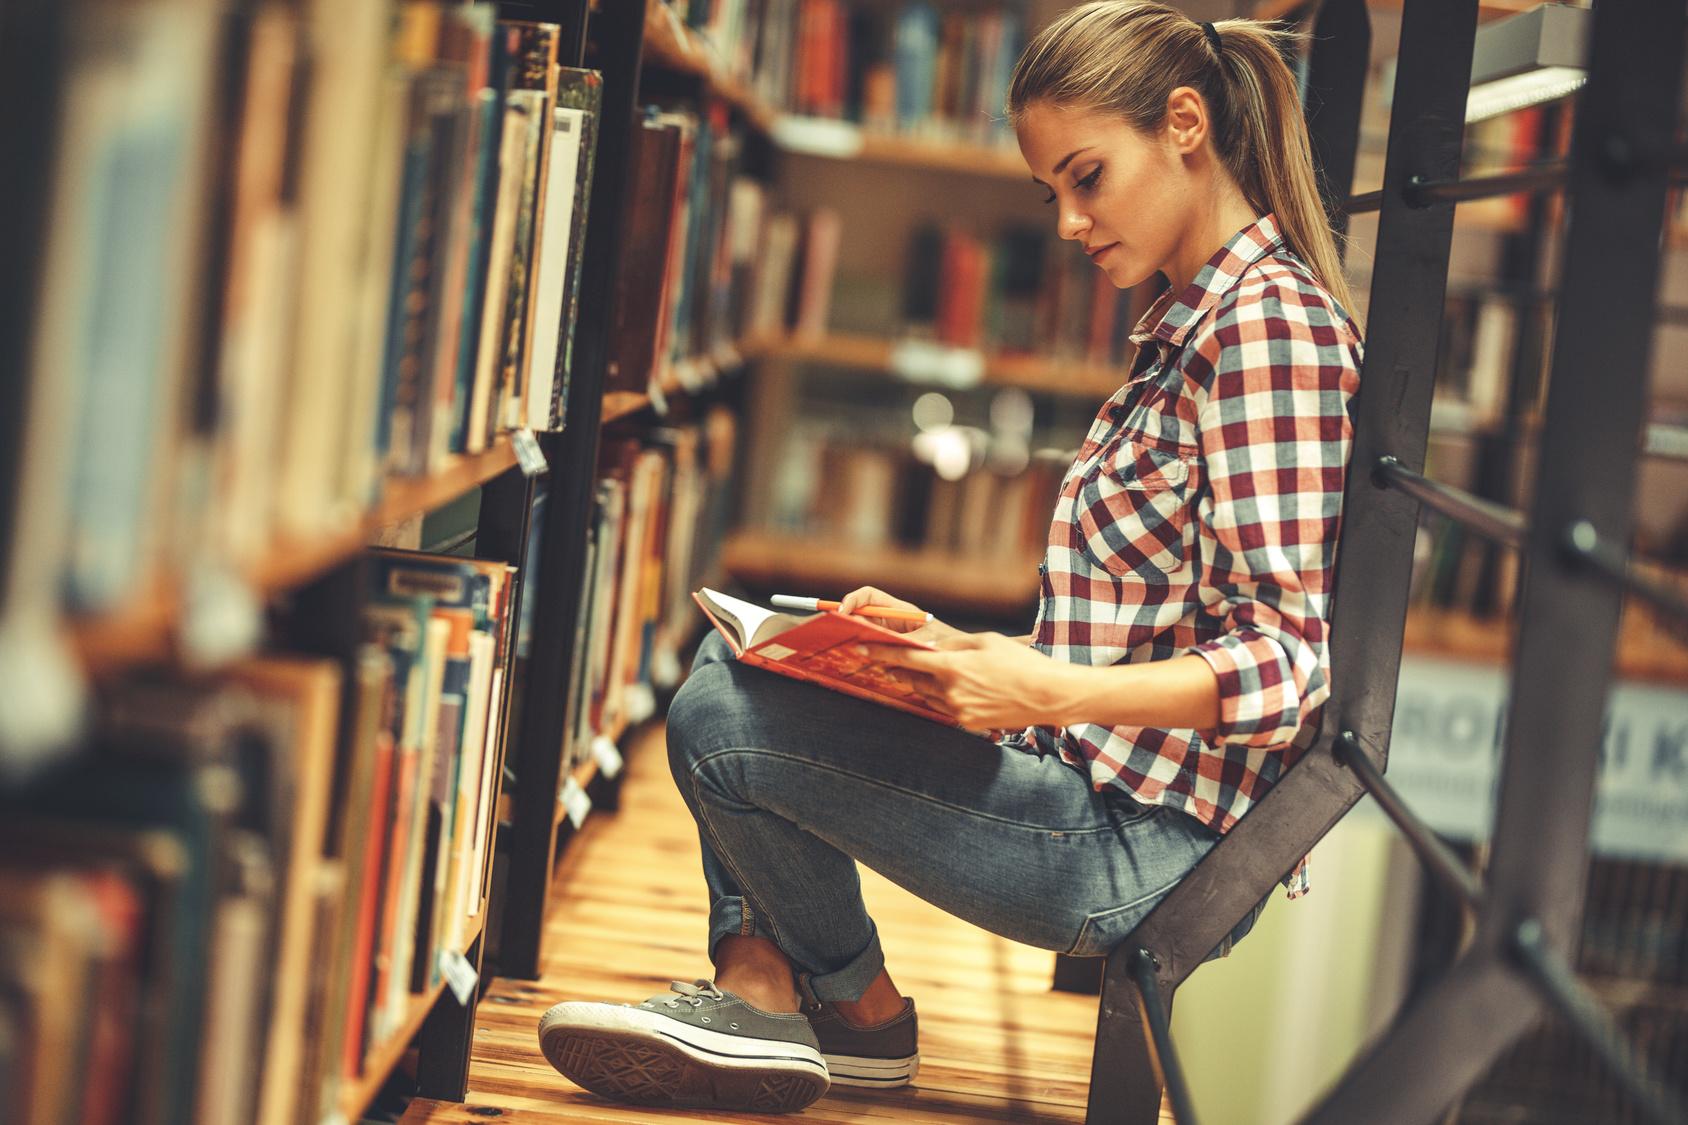 Les bonnes raisons d'étudier la littérature